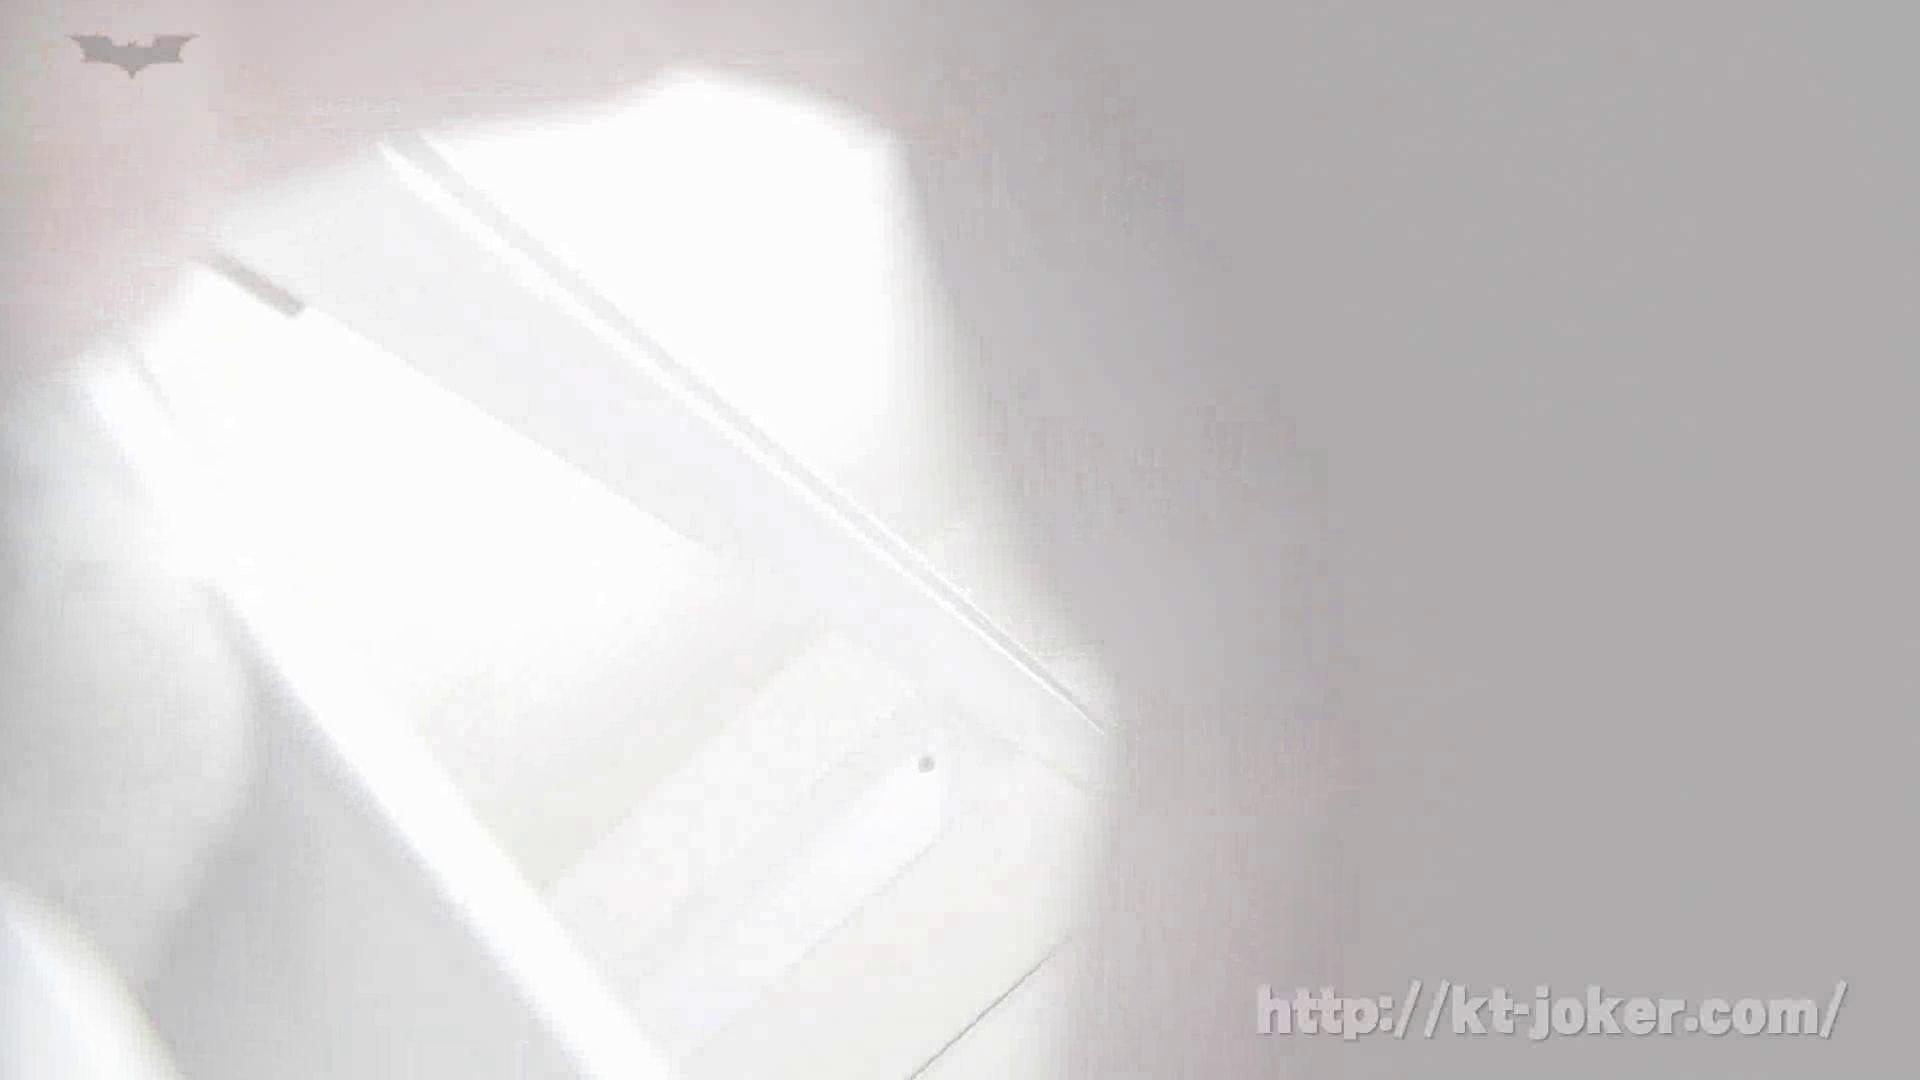 命がけ潜伏洗面所! vol.70 シリーズ一番エロい尻登場 OLヌード天国  100PIX 69